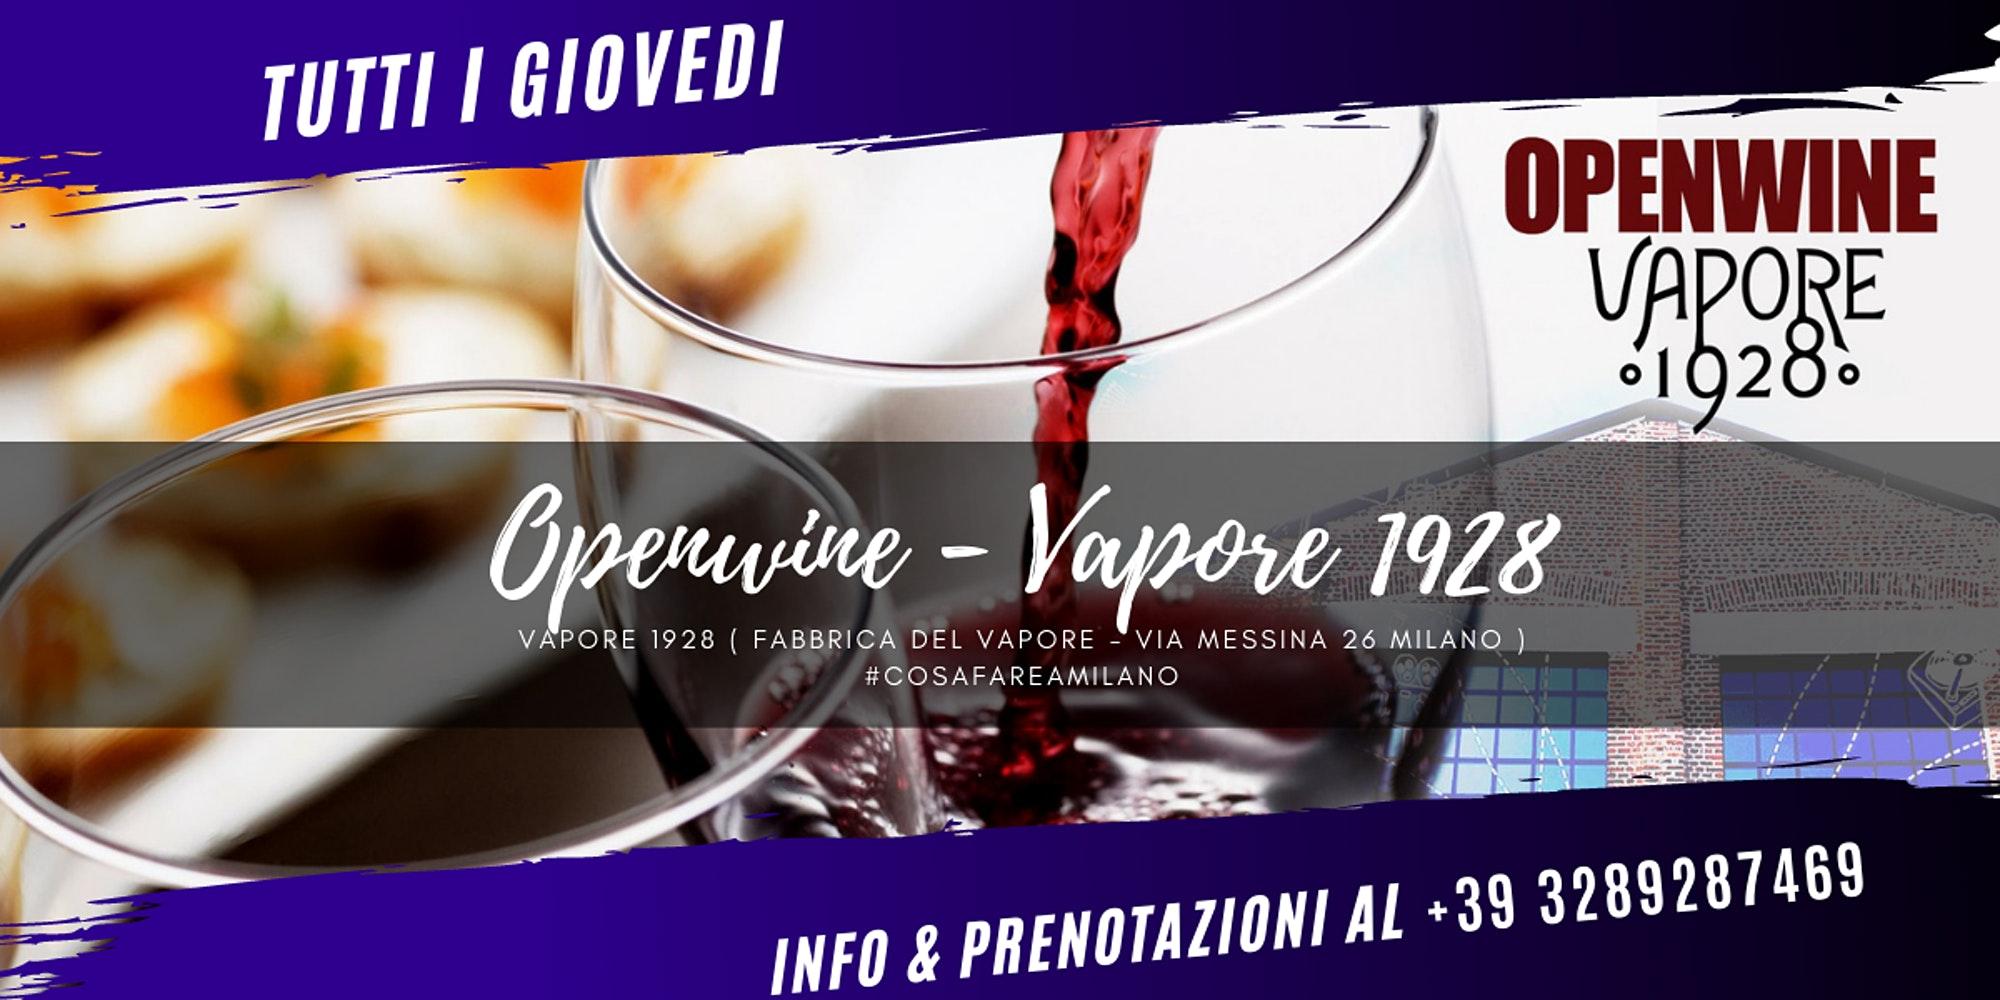 VAPORE 1928 - OpenWine